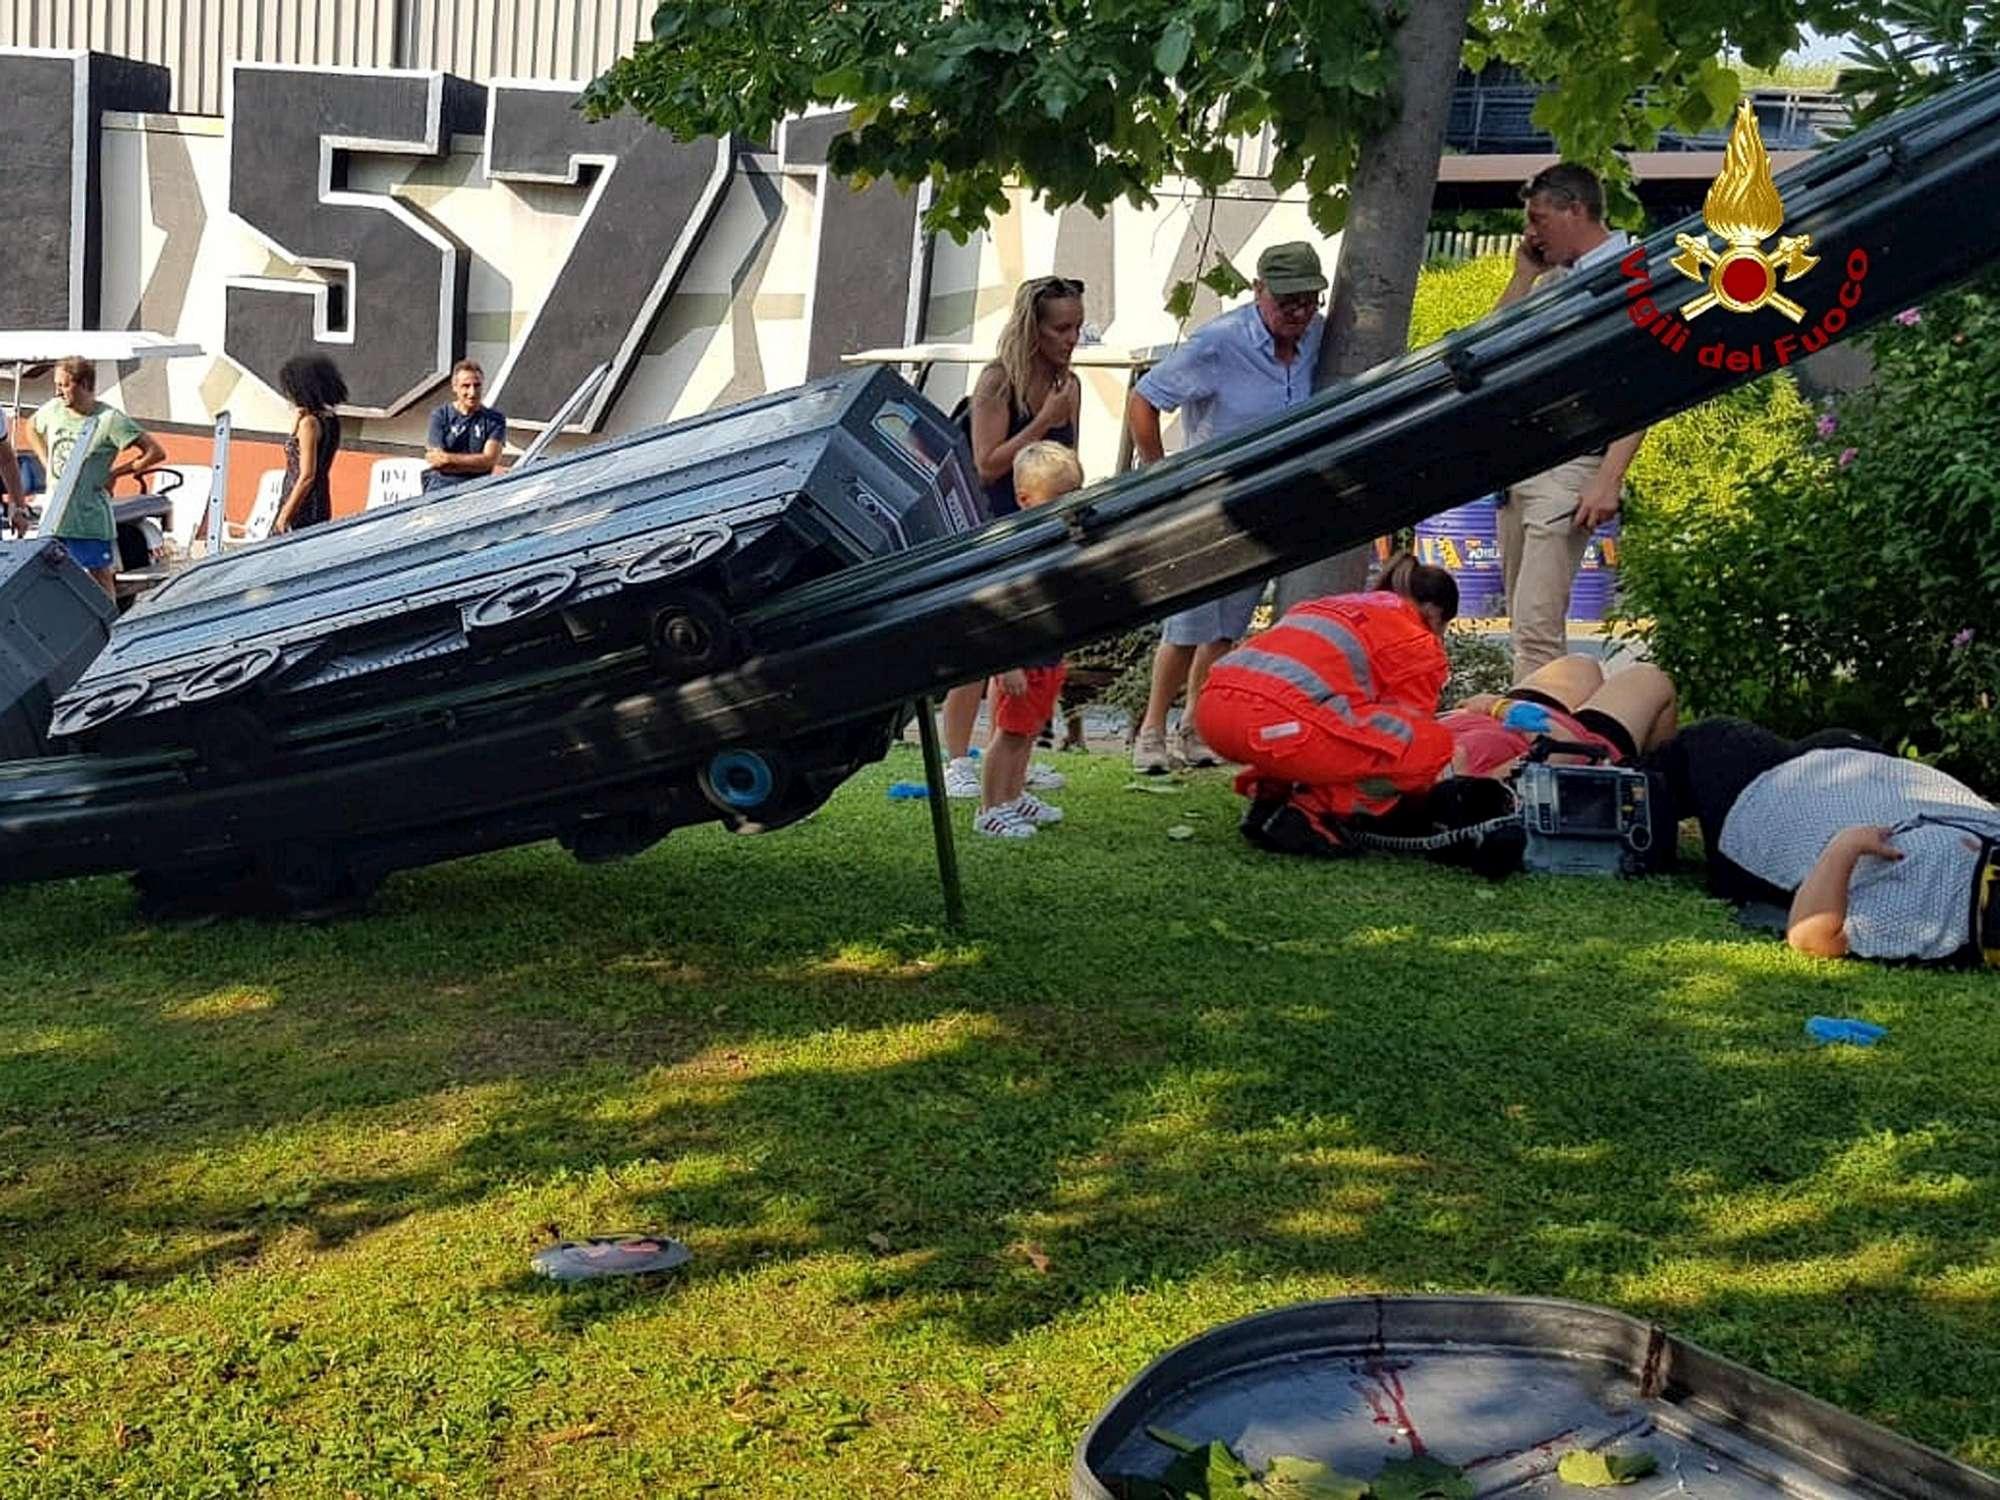 Trenino si ribalta in un parco dei divertimenti nel Veronese: 7 feriti